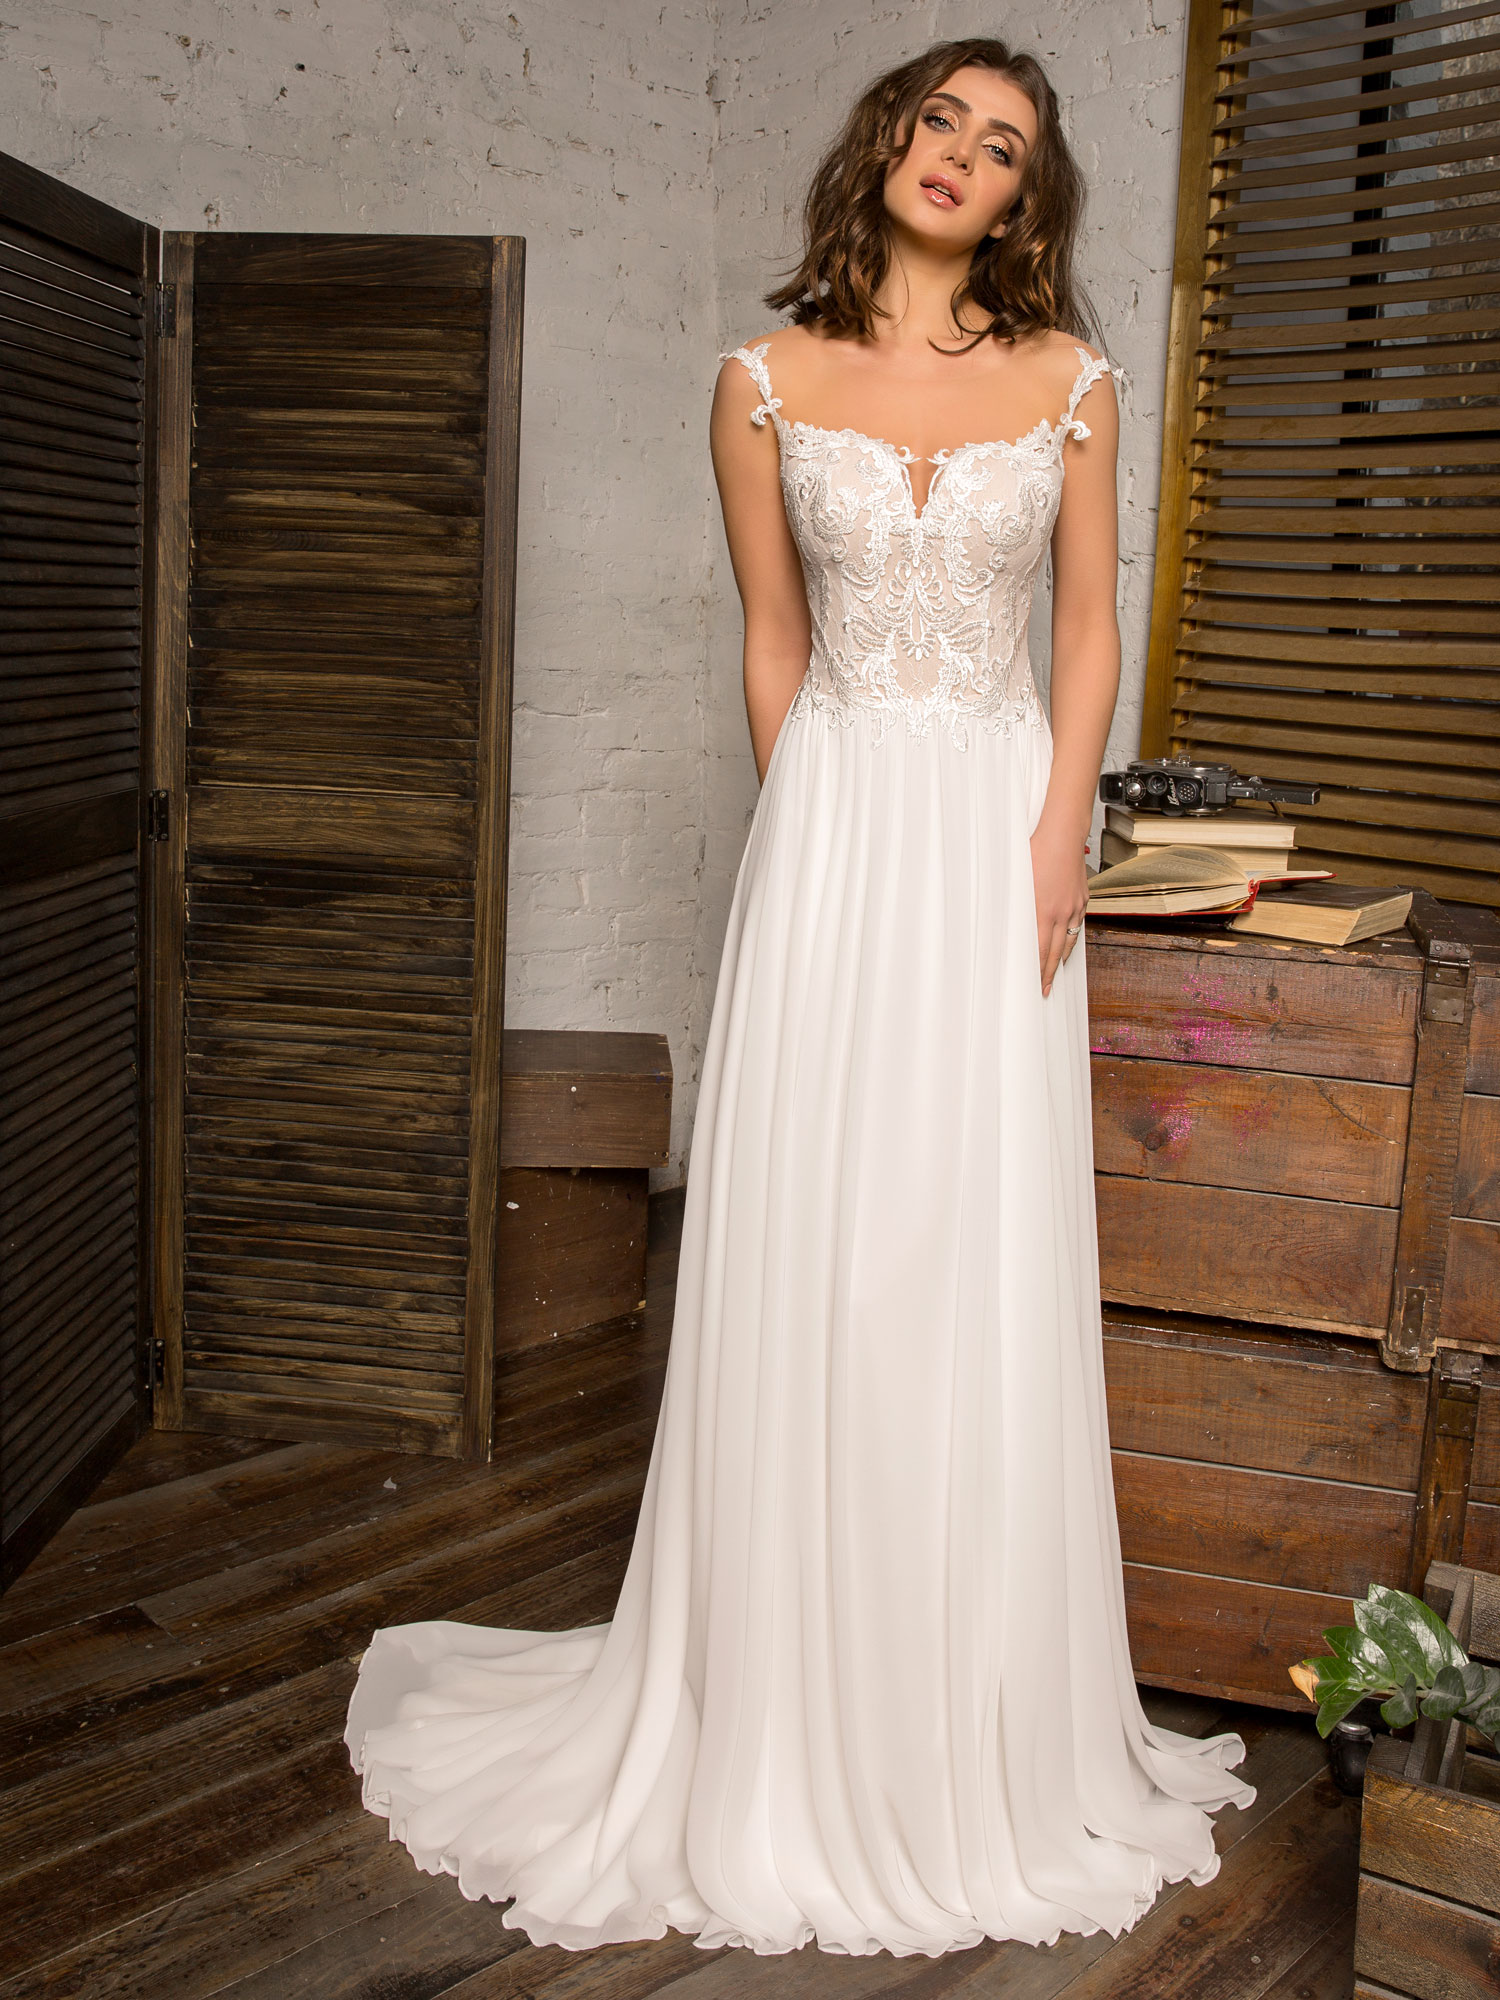 Robe de mariée fluide Angers chez White Boutik